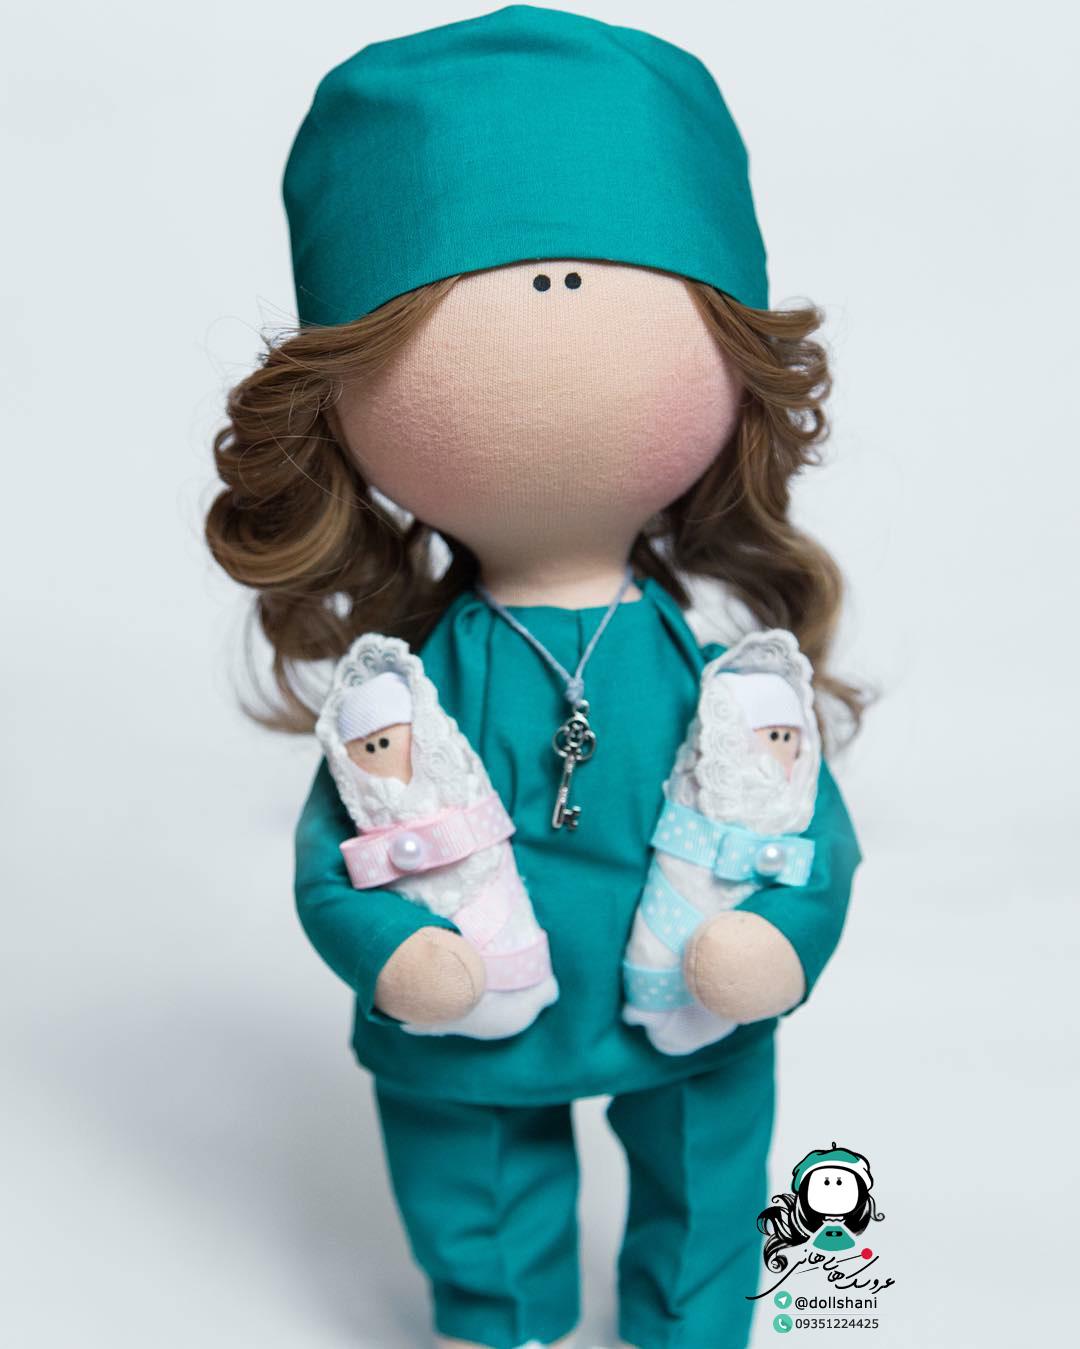 ع عروسک های روسی آموزش عروسک سازی | عروسک روسی تیلدا